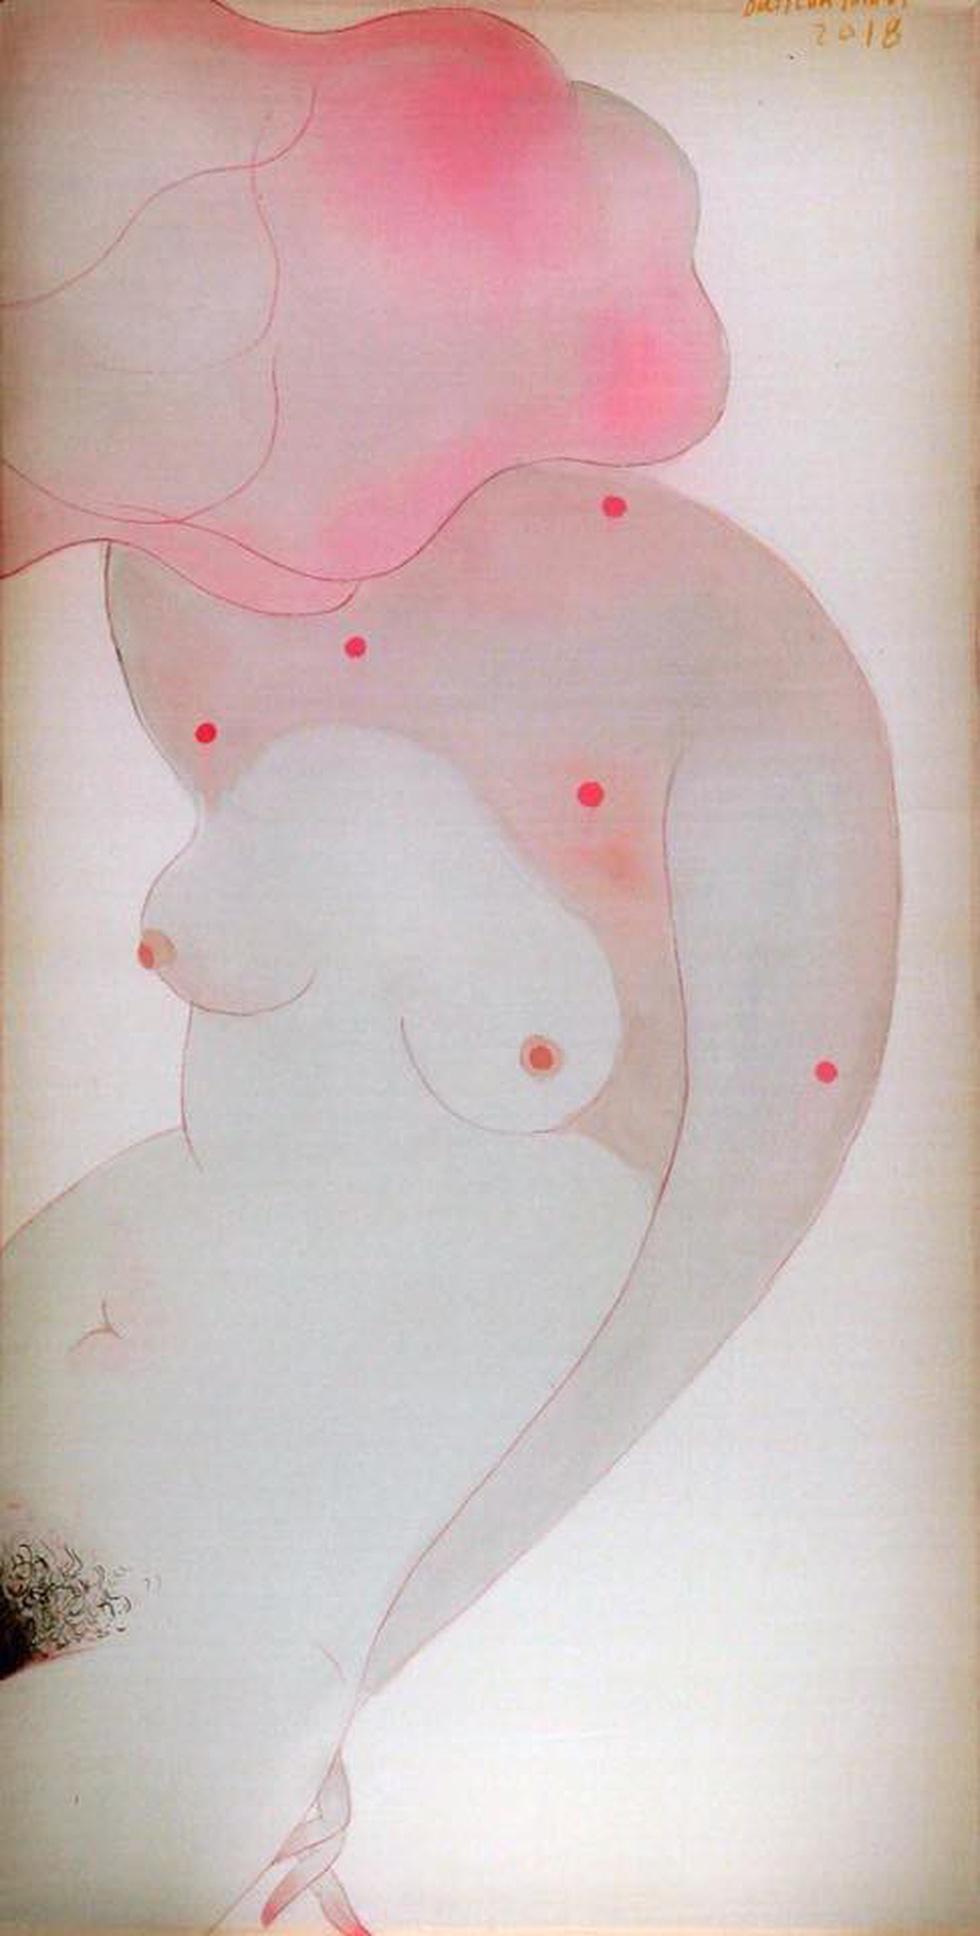 Đừng ngại ngùng thưởng thức tranh nude - Ảnh 3.